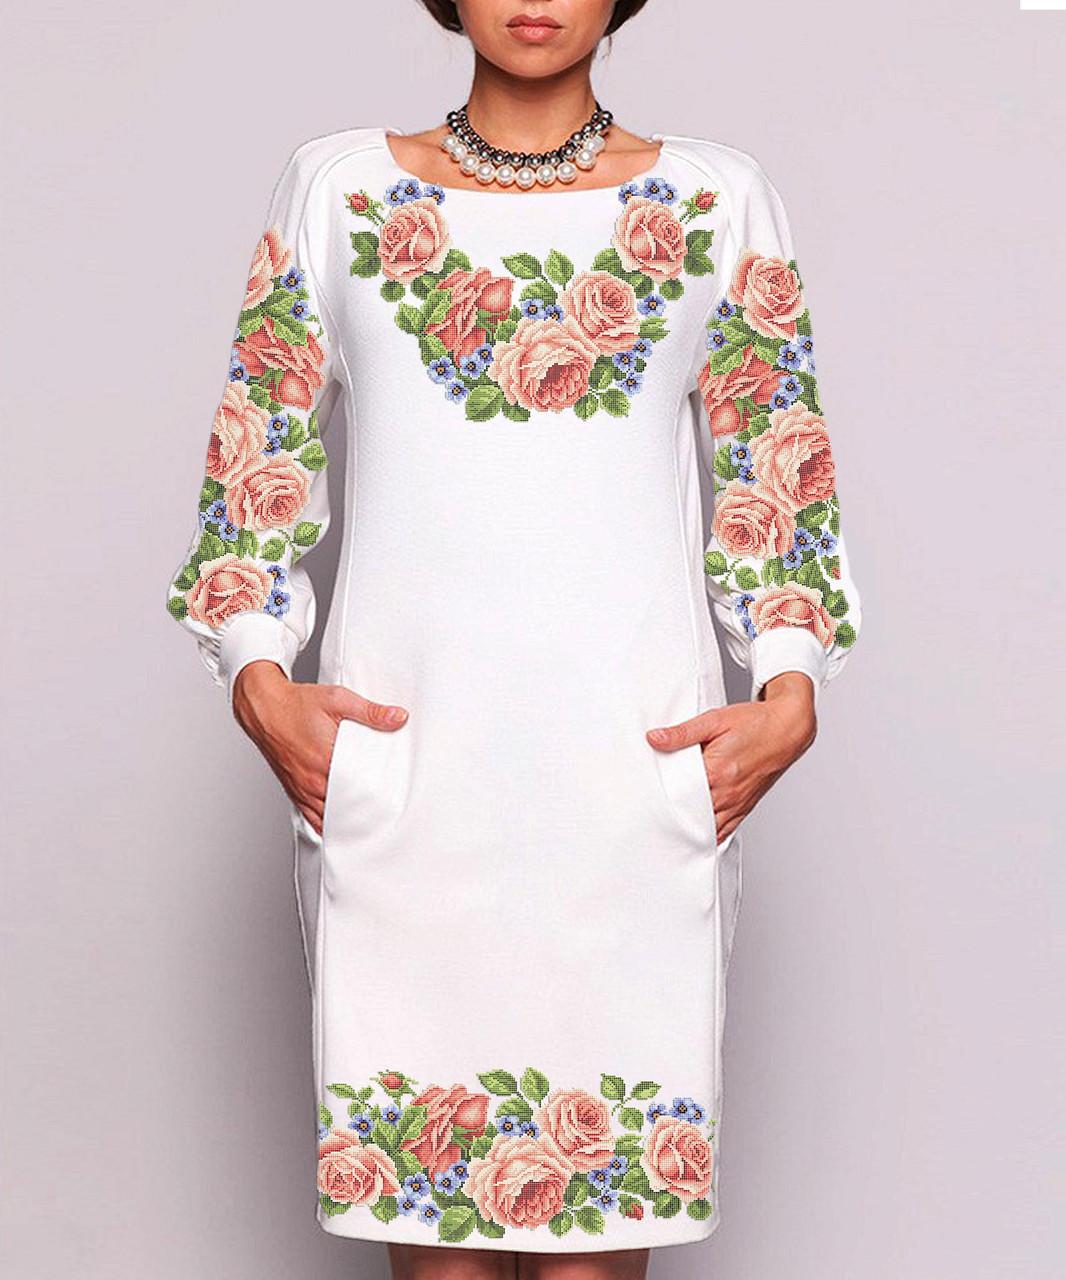 Заготовка жіночого плаття чи сукні для вишивки та вишивання бісером Бисерок  «Квітковий розмай» Домоткан b5f8a24a00d74